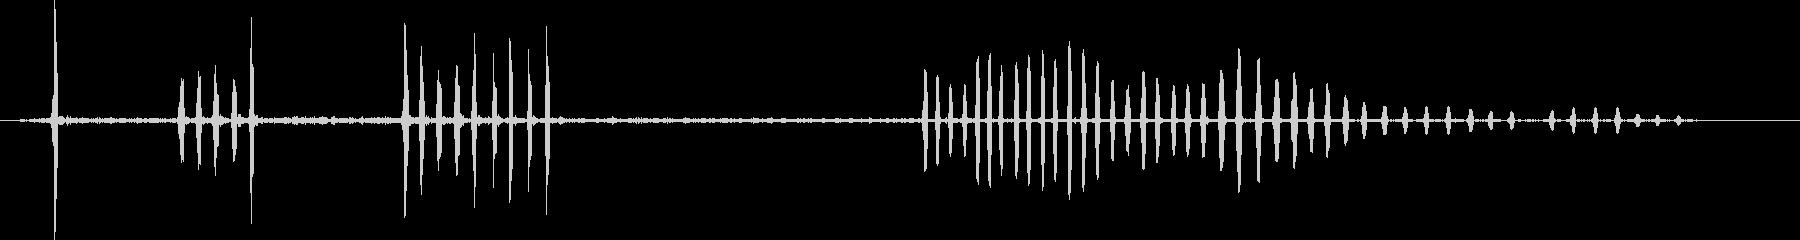 アボセット、ウエスタンコール。バッ...の未再生の波形